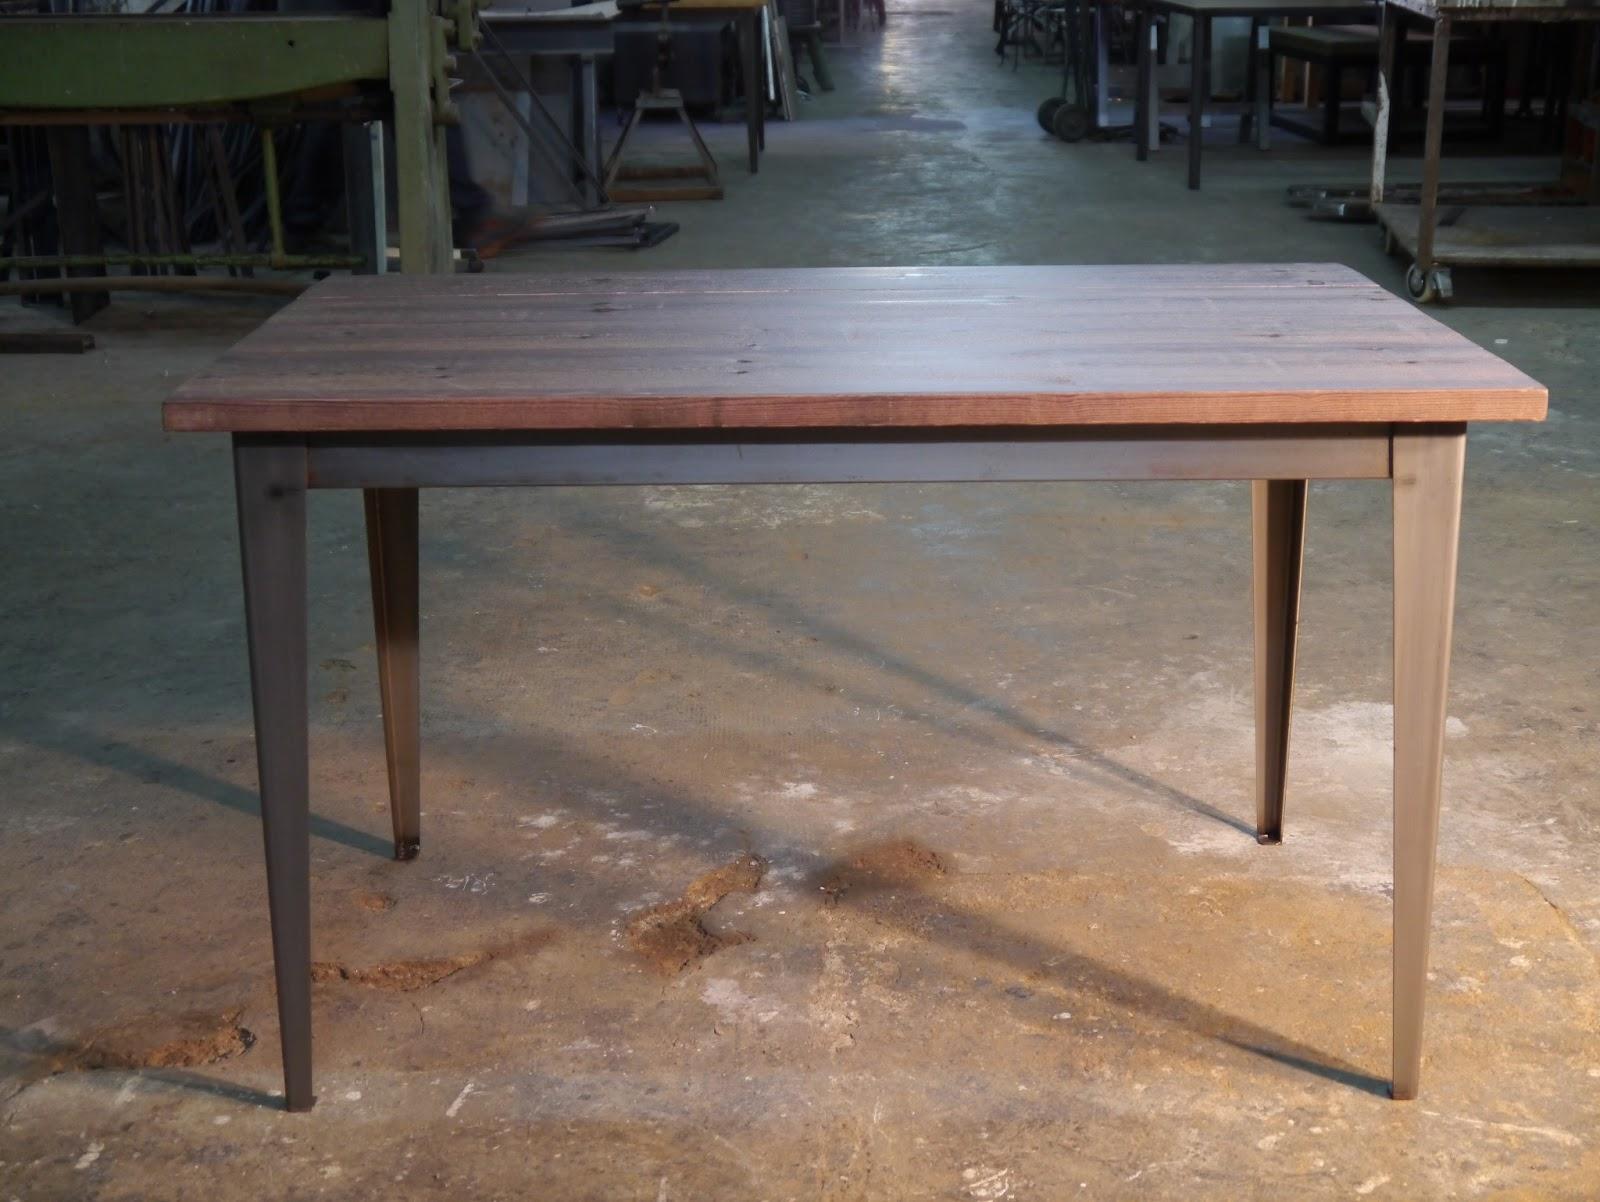 Mesas y sillas en metal de estilo industrial en hierro y madera envejecida mesas r sticas - Mesas y sillas rusticas de madera ...